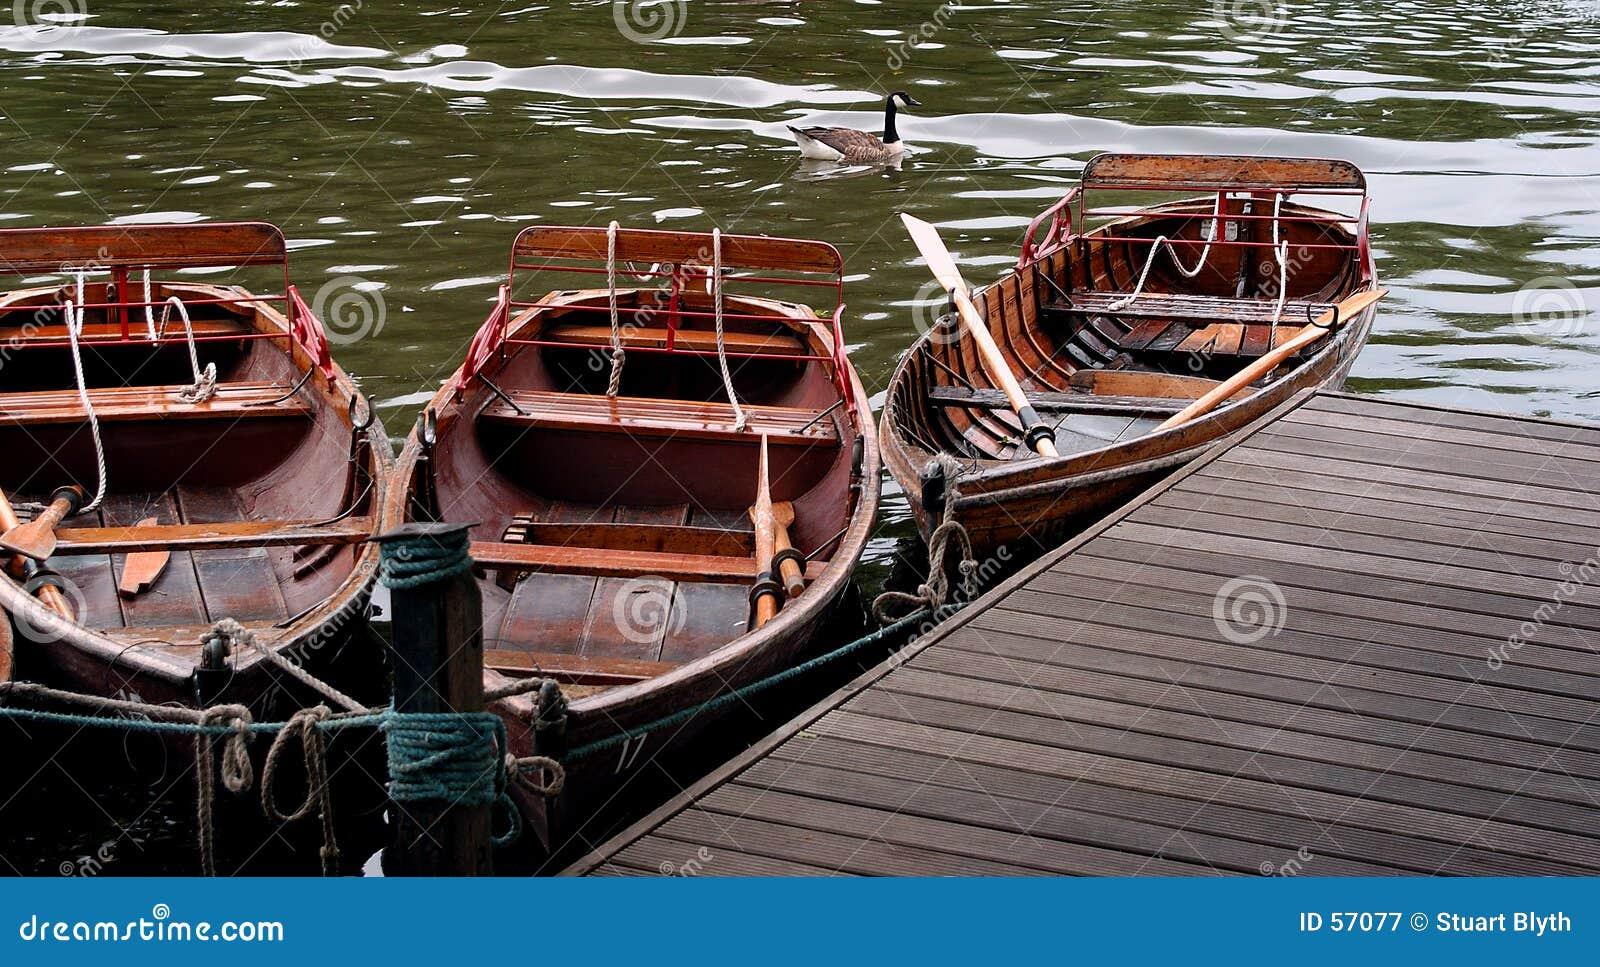 Boats on a lake